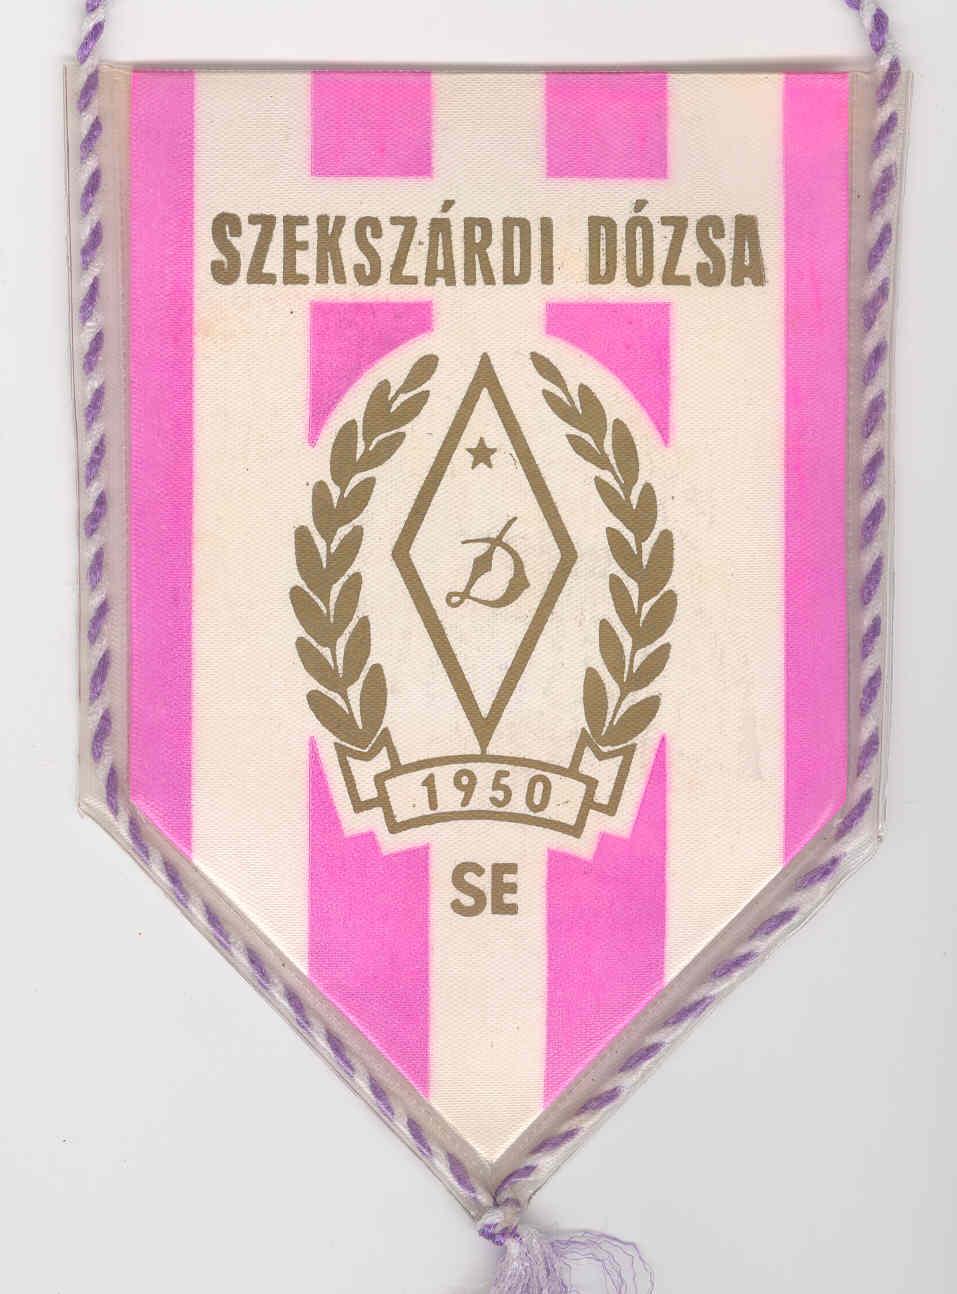 Dózsa zászló